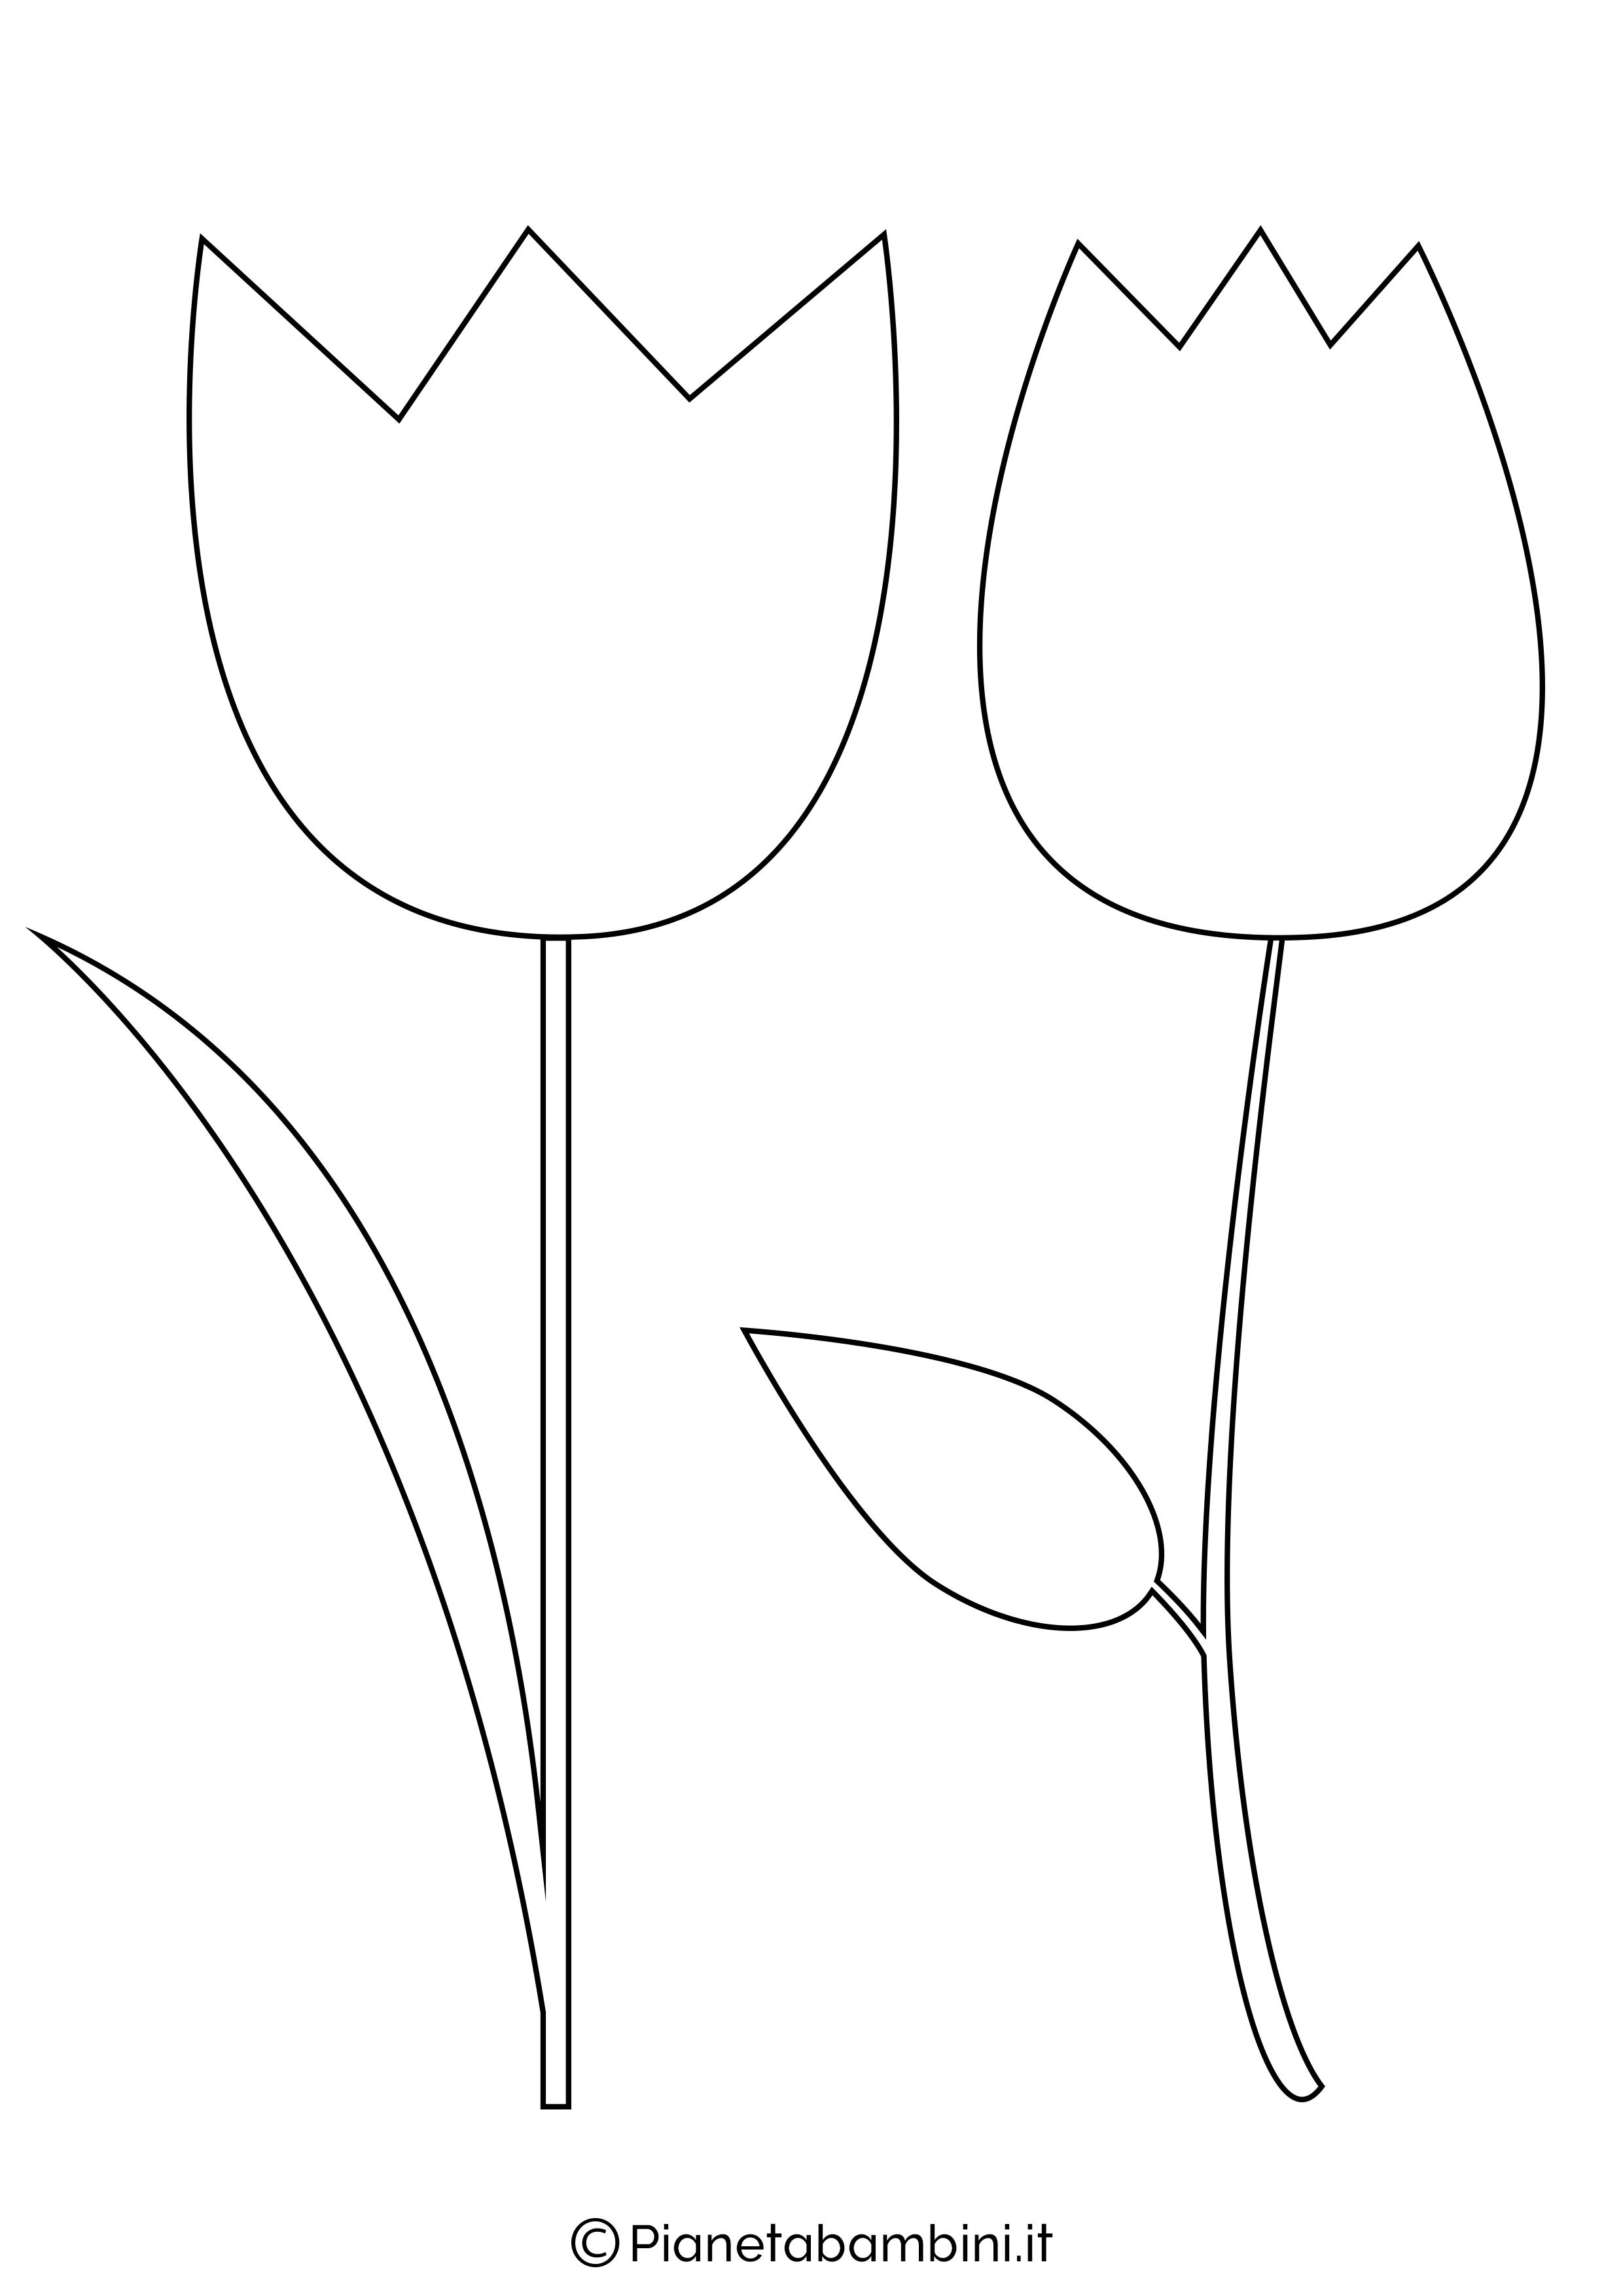 81 sagome di fiori da colorare e ritagliare per bambini for Disegno vaso da colorare